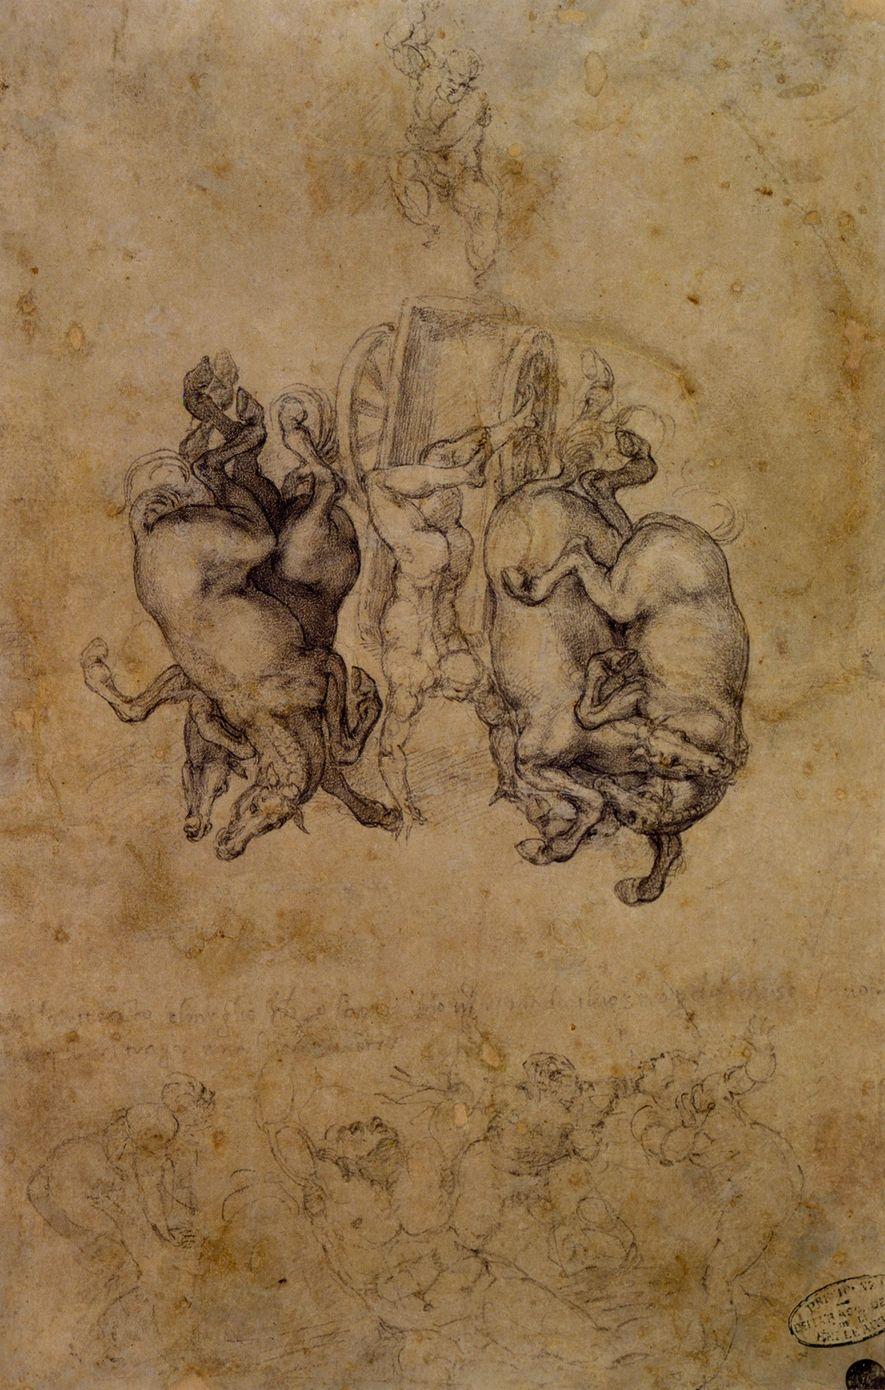 """OU A CAIR?  Os desenhos do quarto têm uma curiosa semelhança com a figura central deste esboço de Michelangelo para o quadro """"A queda de Phaeton""""."""